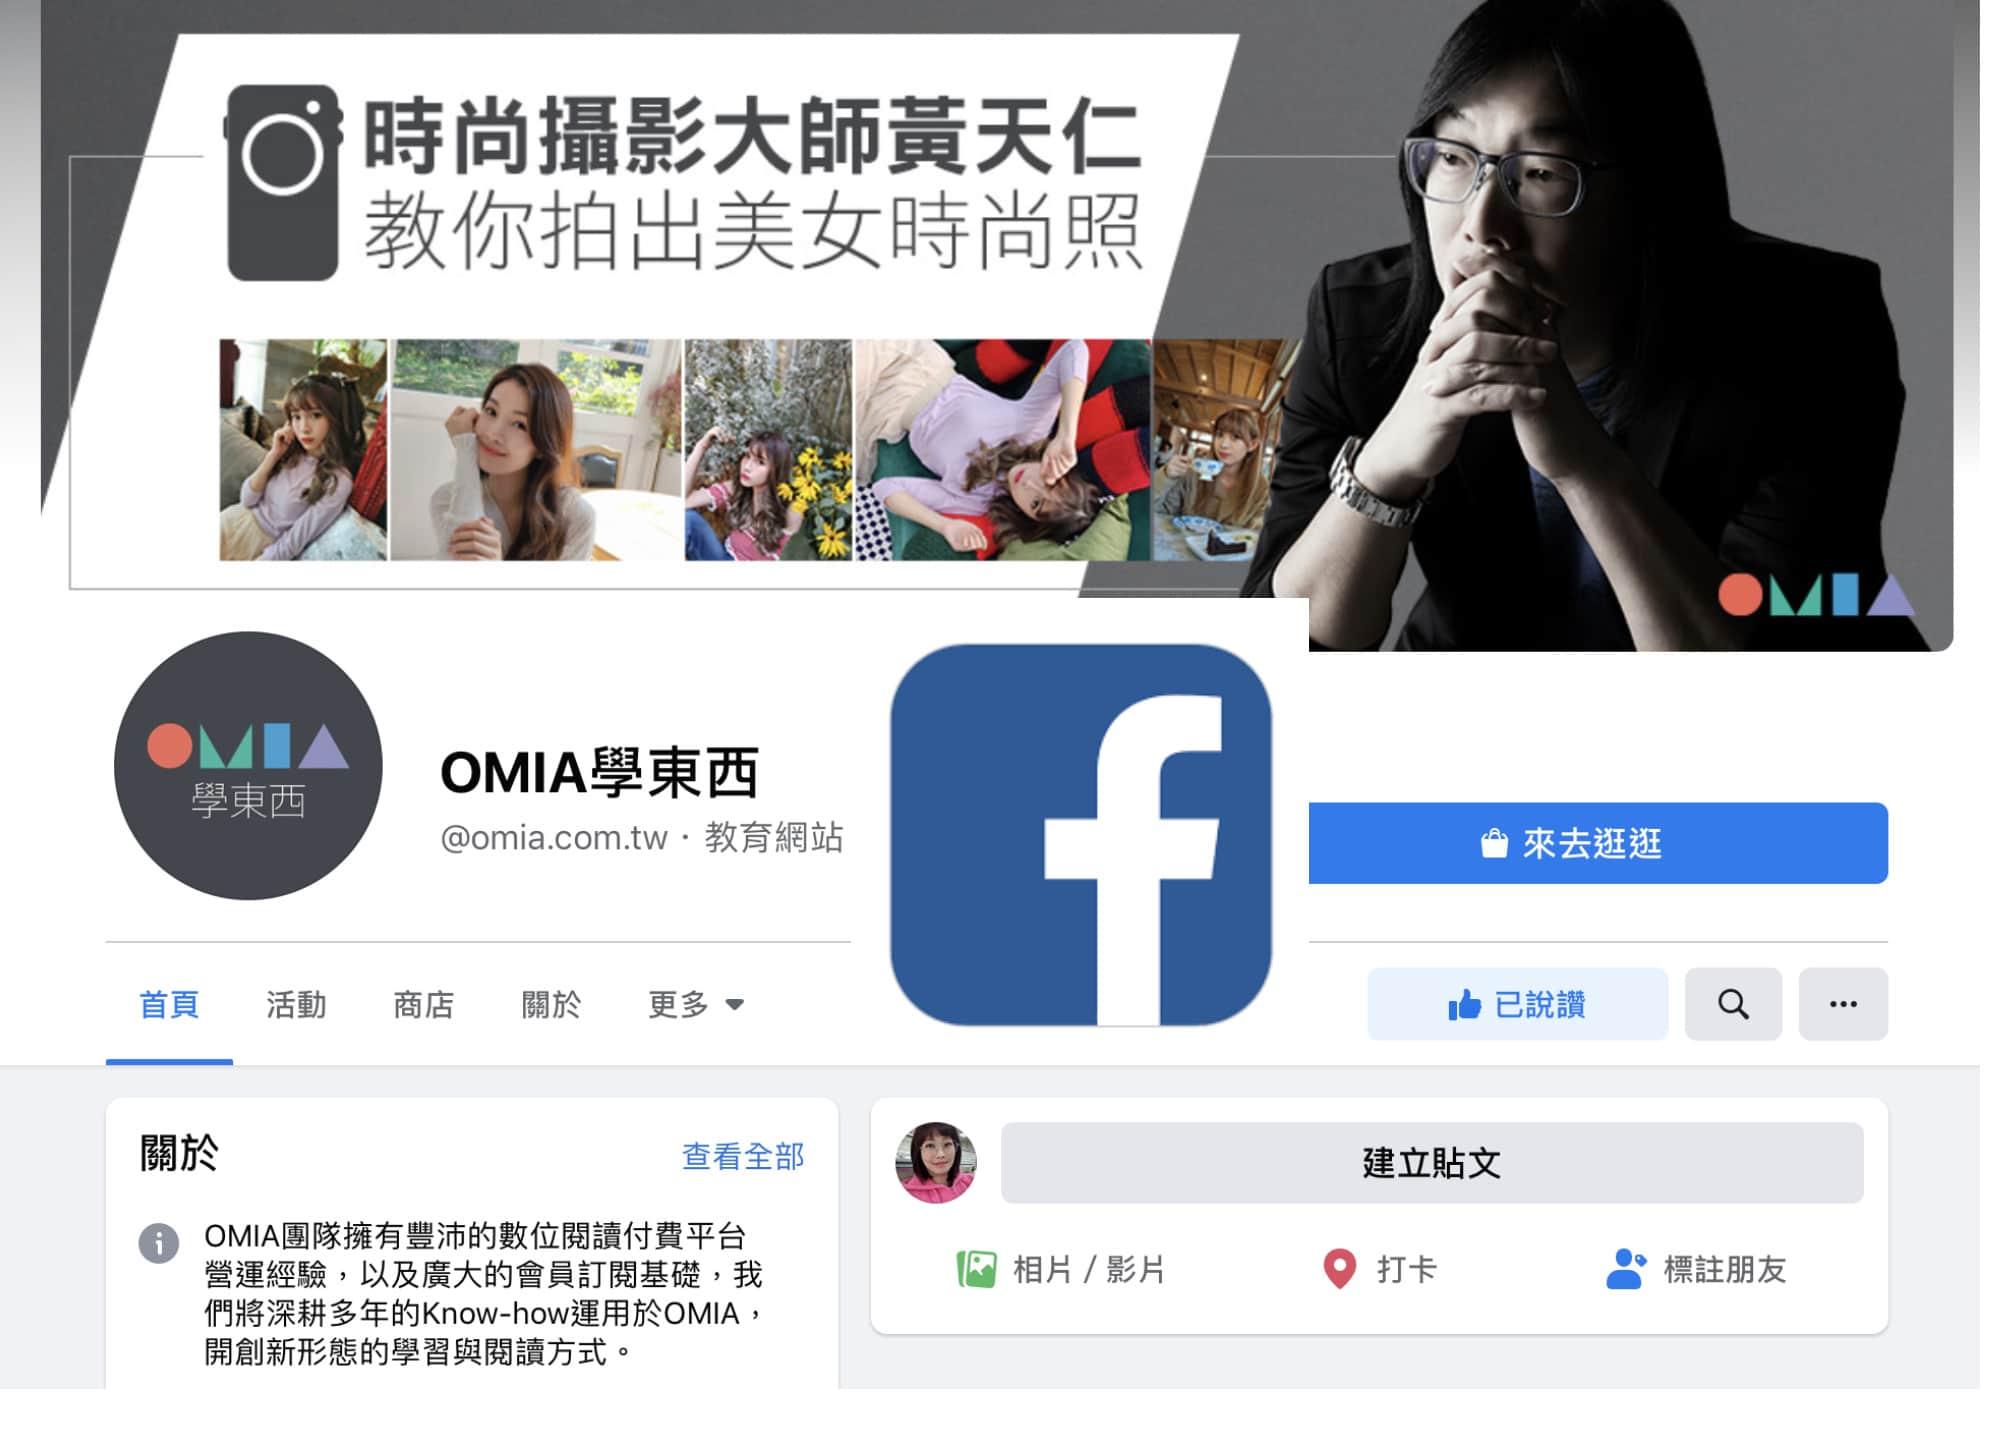 OMIA fb粉絲專頁